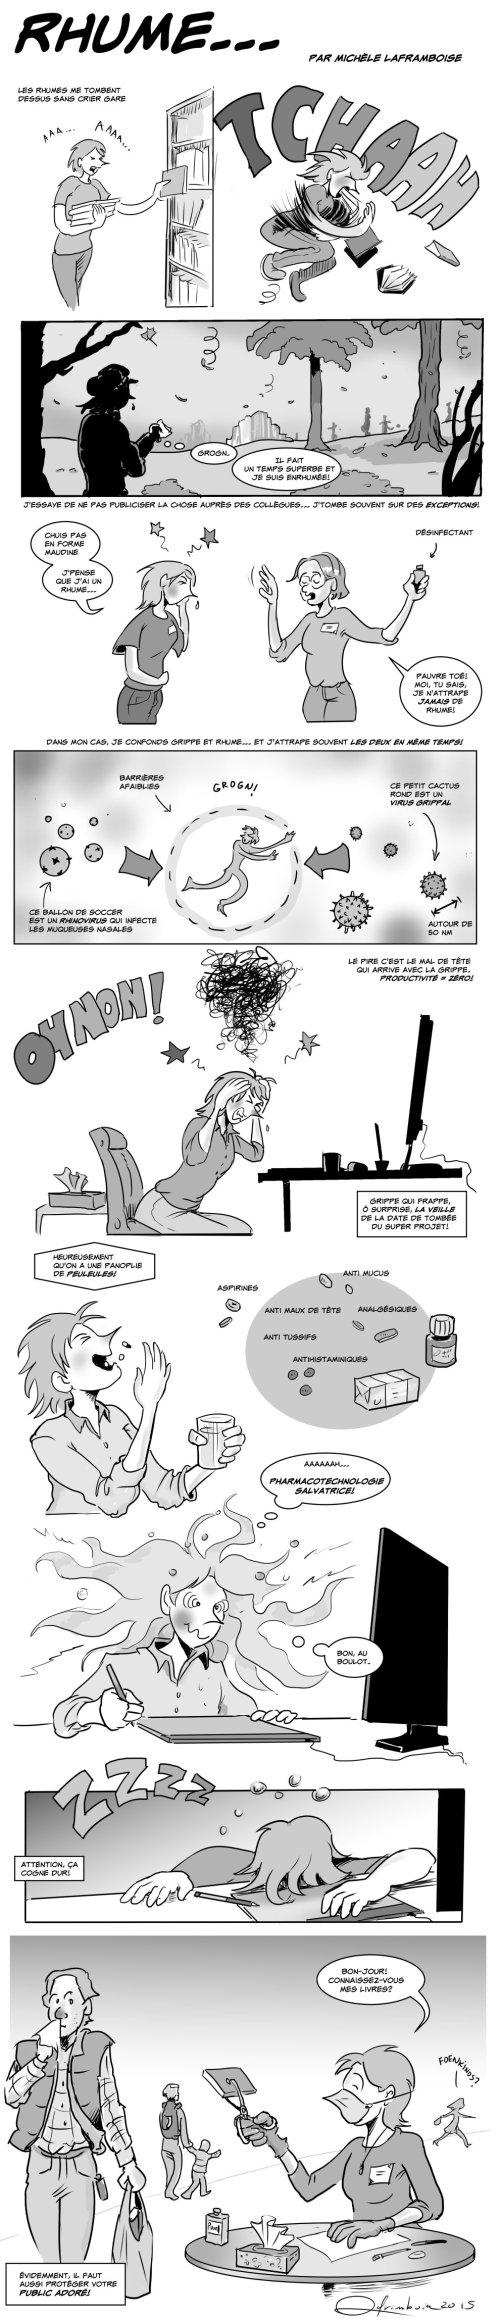 Tous les ennuis d'un rhume d'automne - par Michèle Laframboise